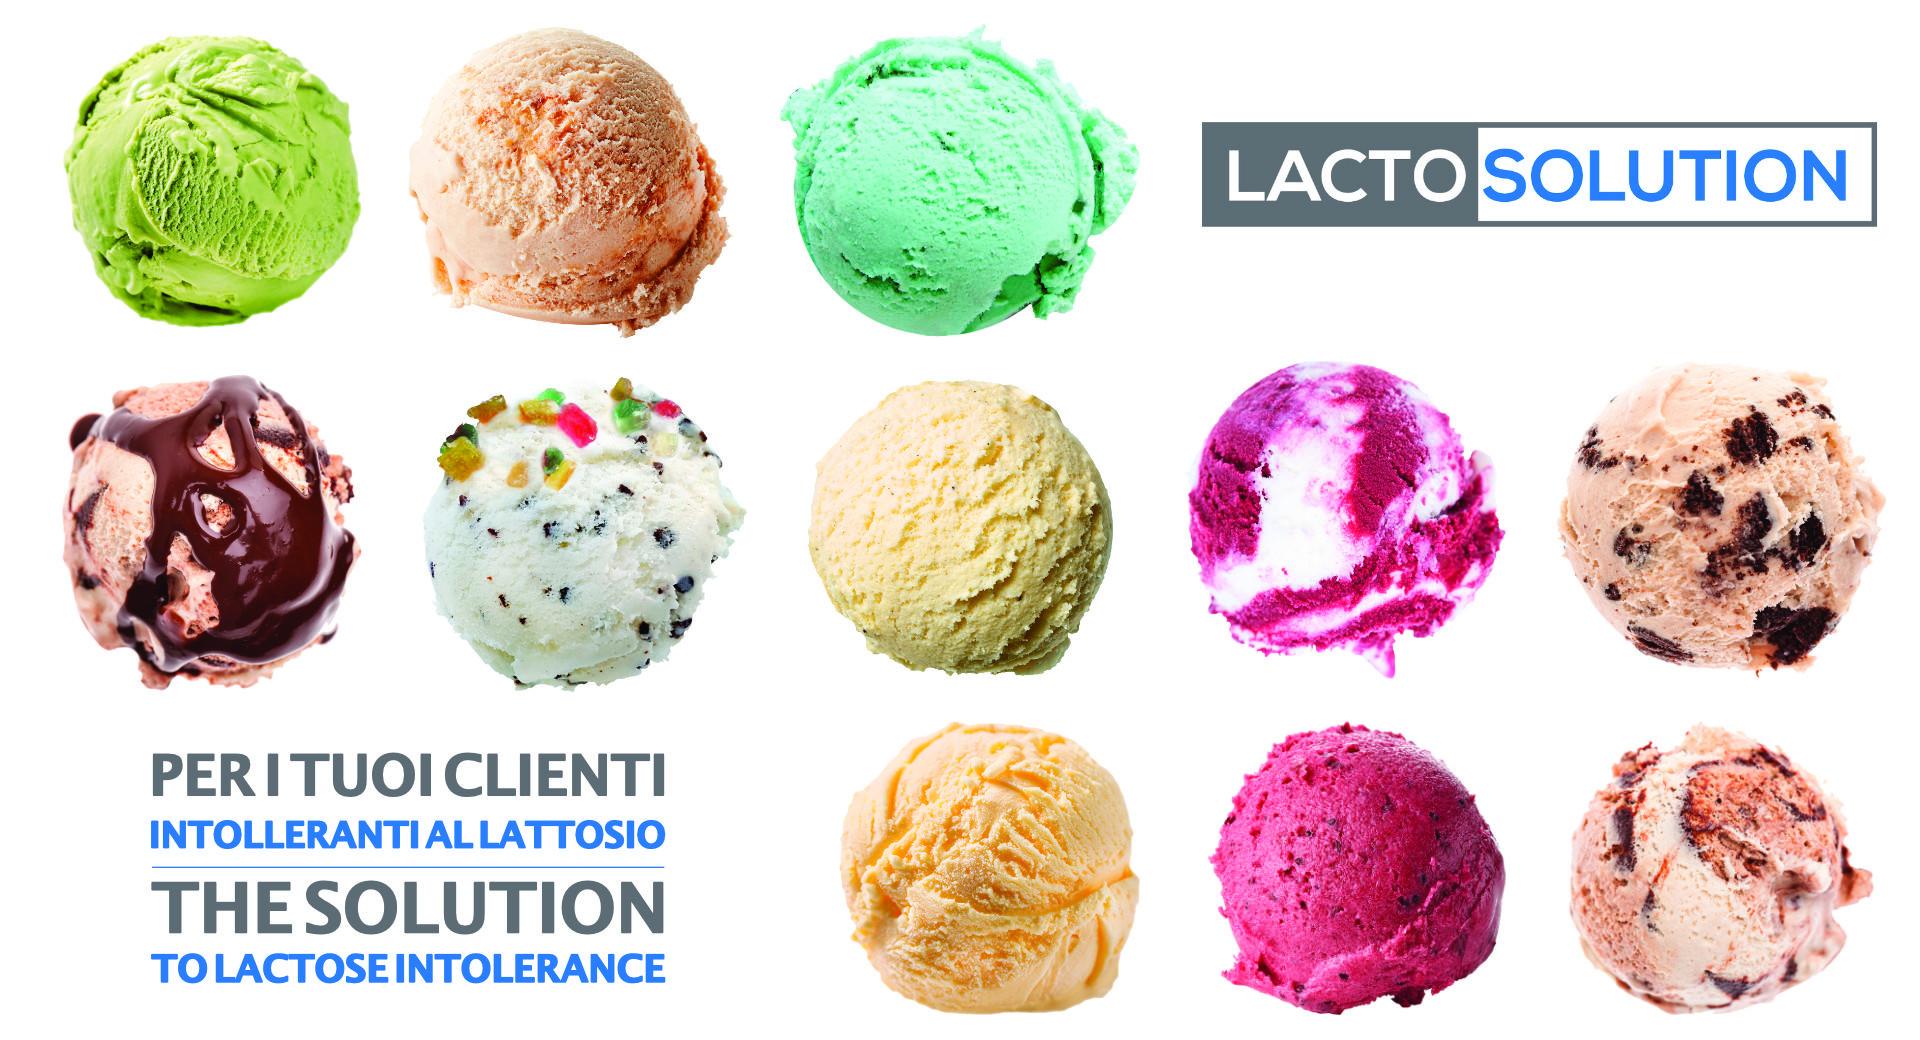 LACTOSOLUTION In gelateria, per i tuoi clienti intolleranti al lattosio